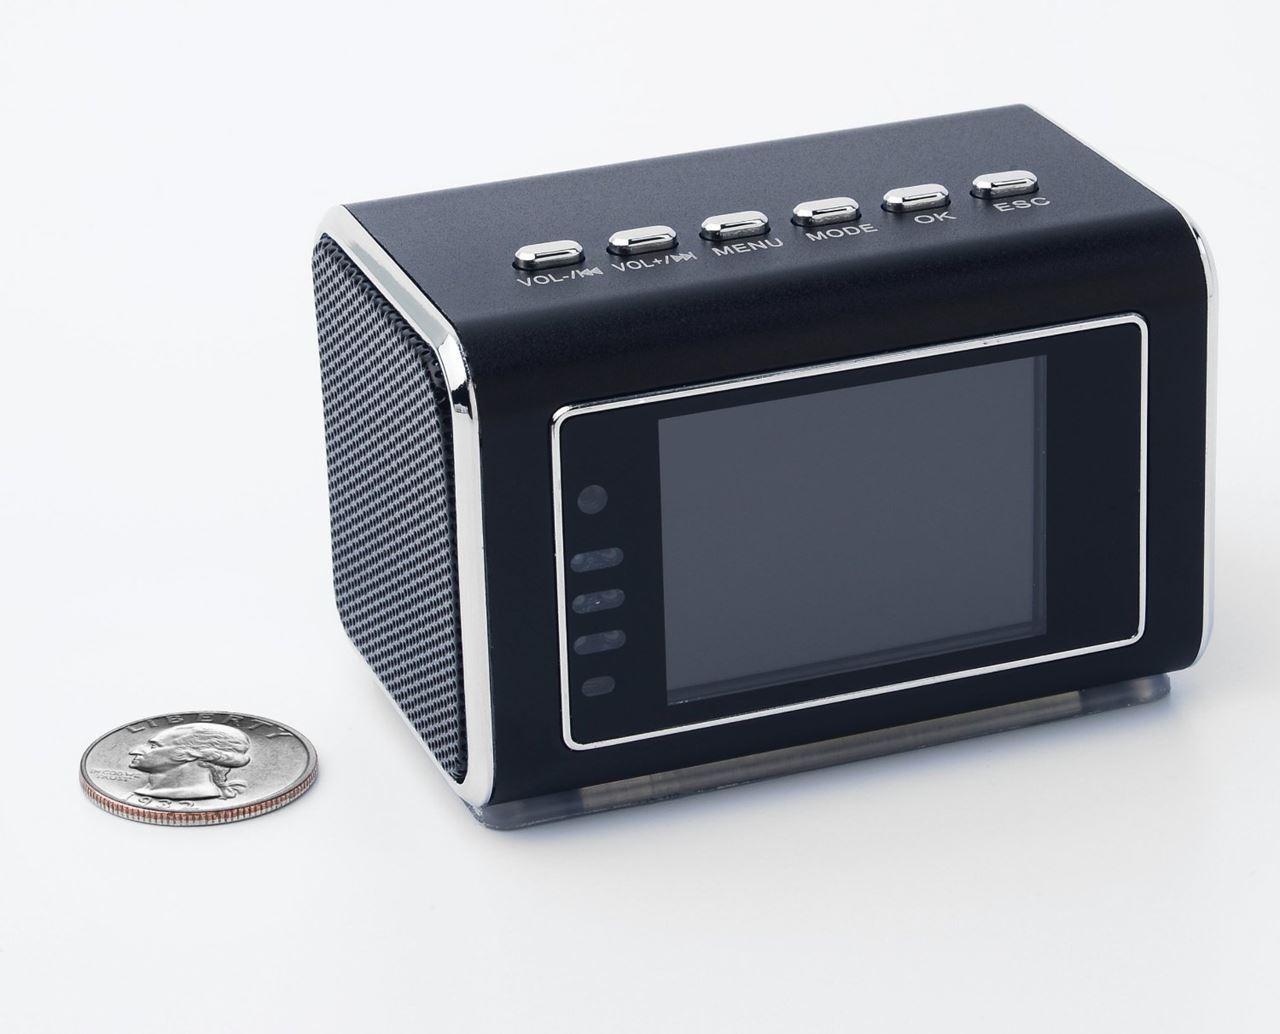 Telecamera Nascosta In Oggetti : Sveglia con telecamera nascosta e display video hd motion spy